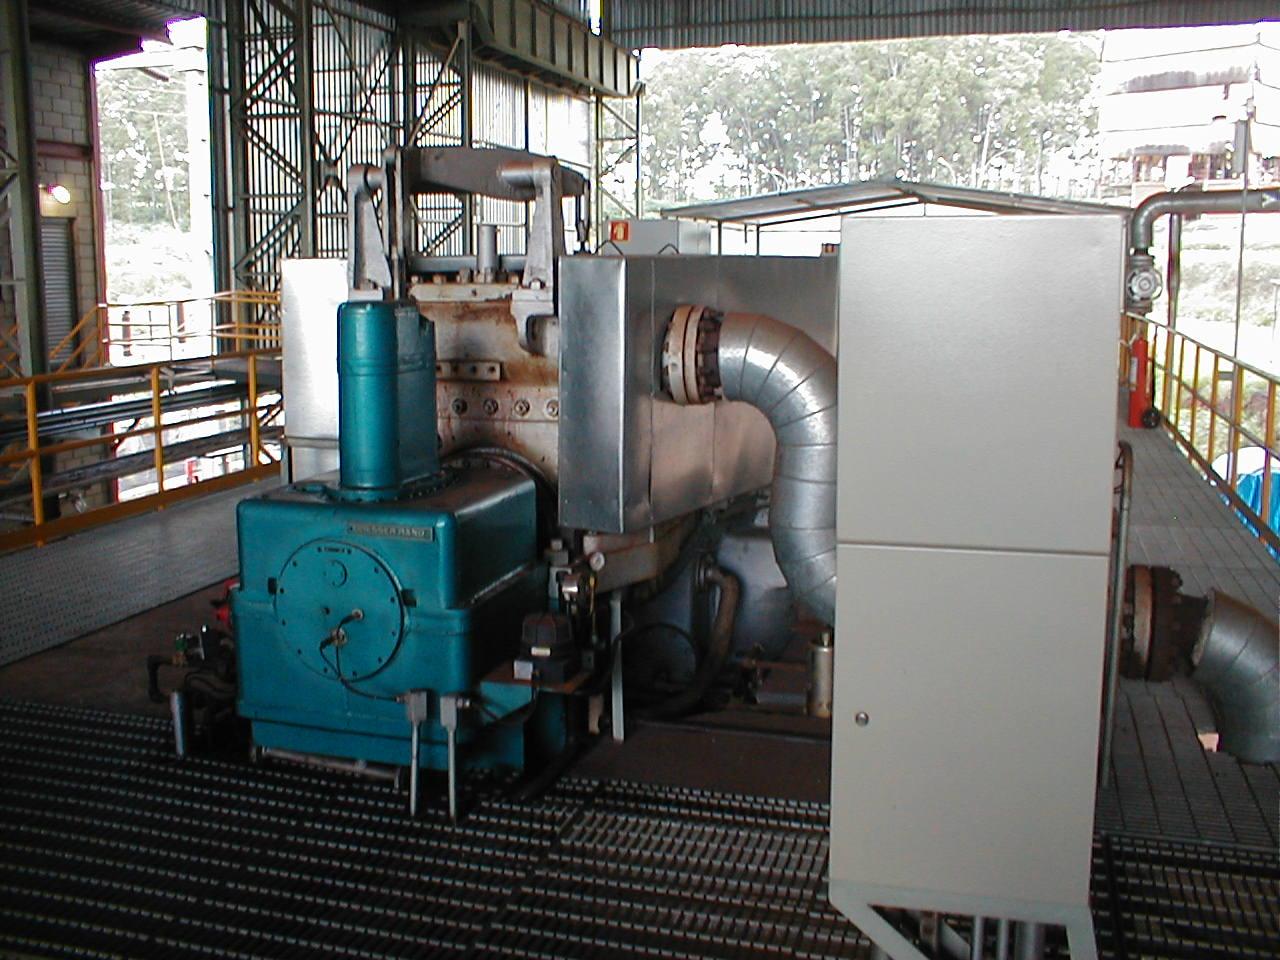 32500 KW 6900V 60HZ POWER PLANT                  15700000